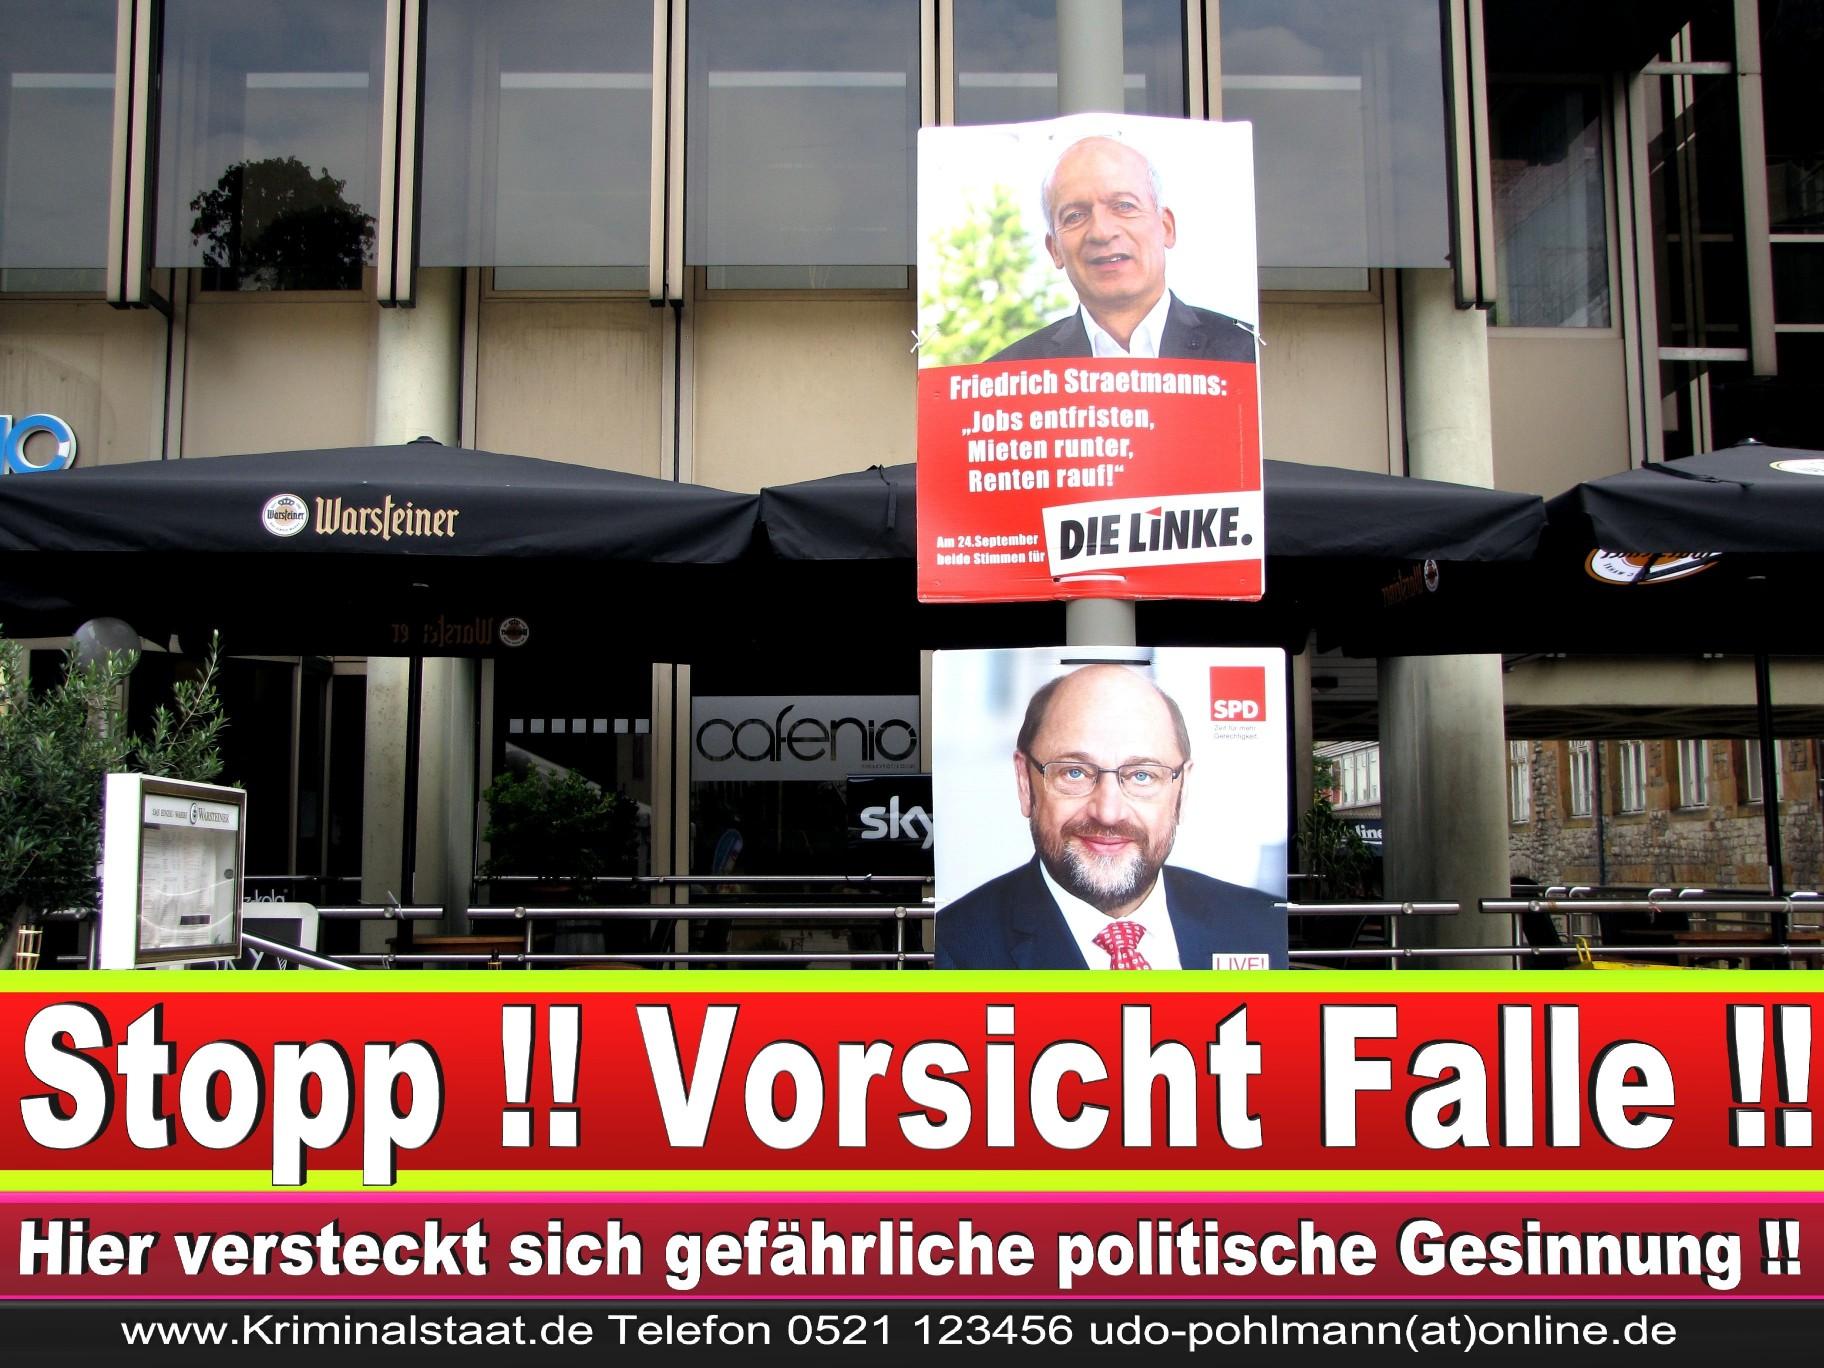 Wahlwerbung Wahlplakate Landtagswahl 2019 Europawahl CDU SPD FDP 2021 (27)